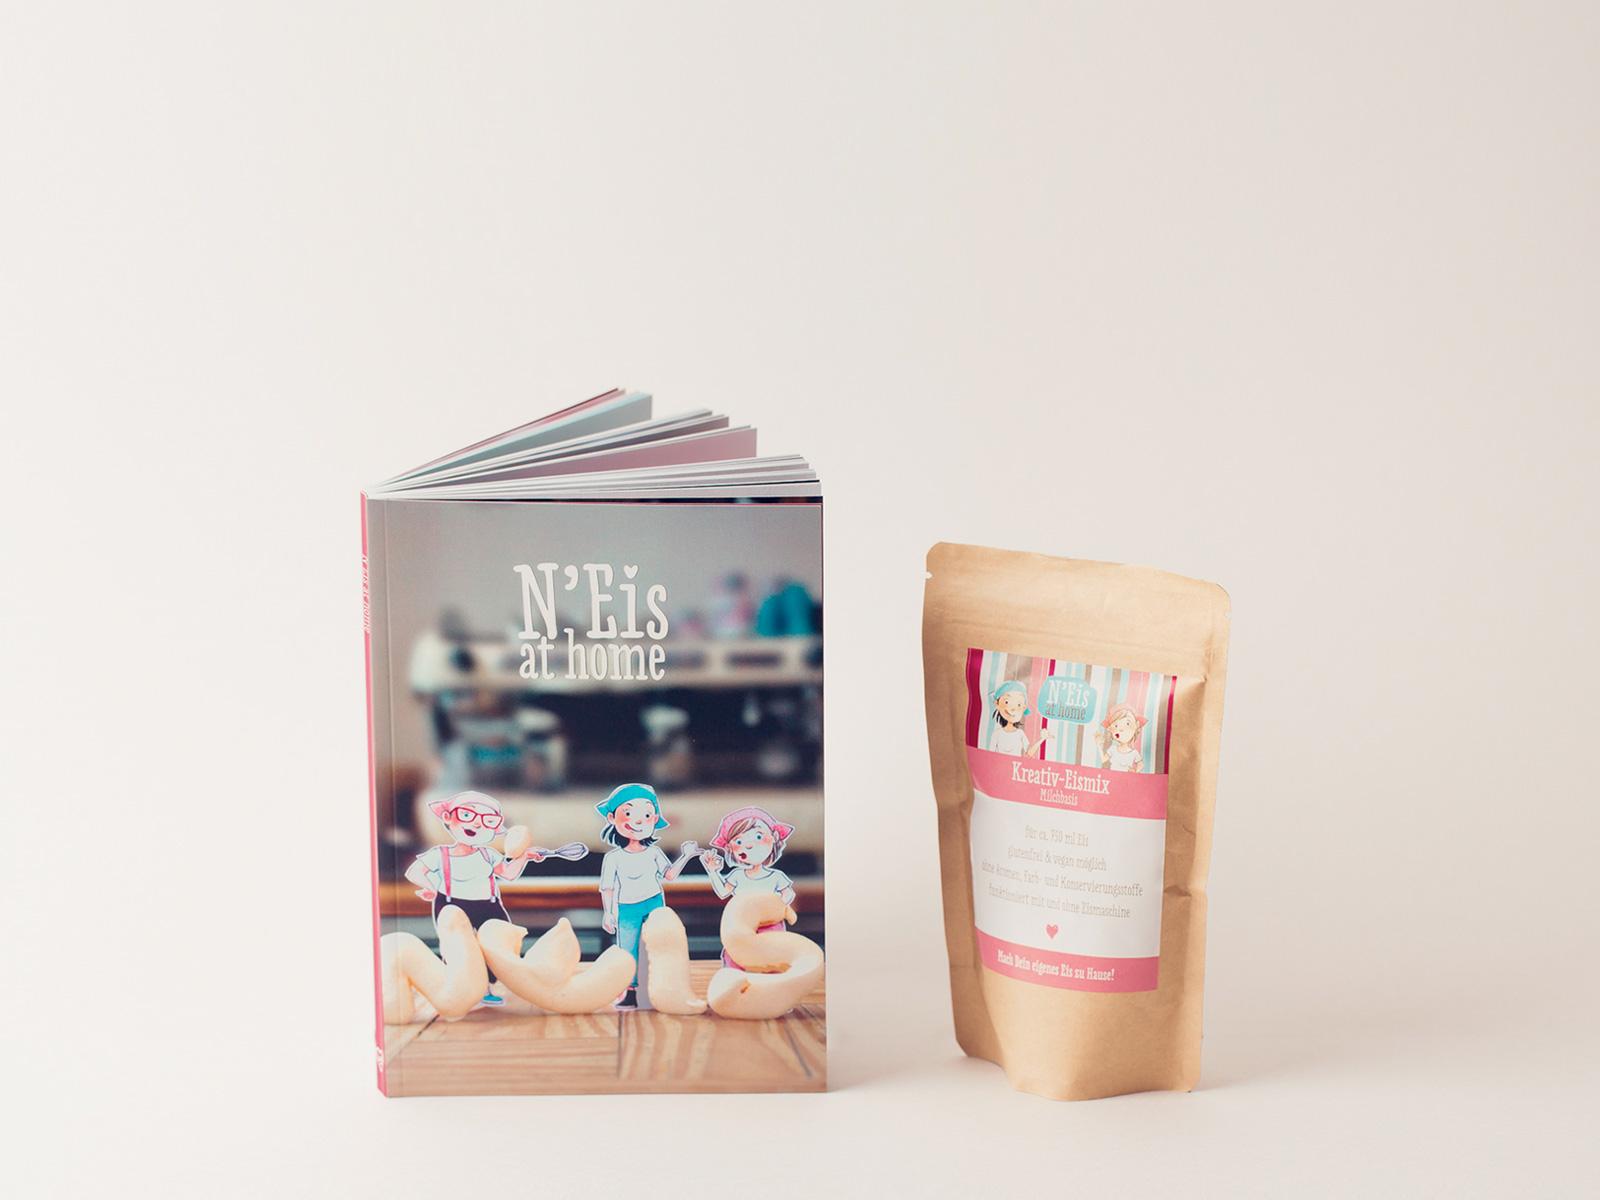 N'Eis at home Rezeptbuch - Ein Produkt aus dem Webshop von N'Eis - Das Neustadteis